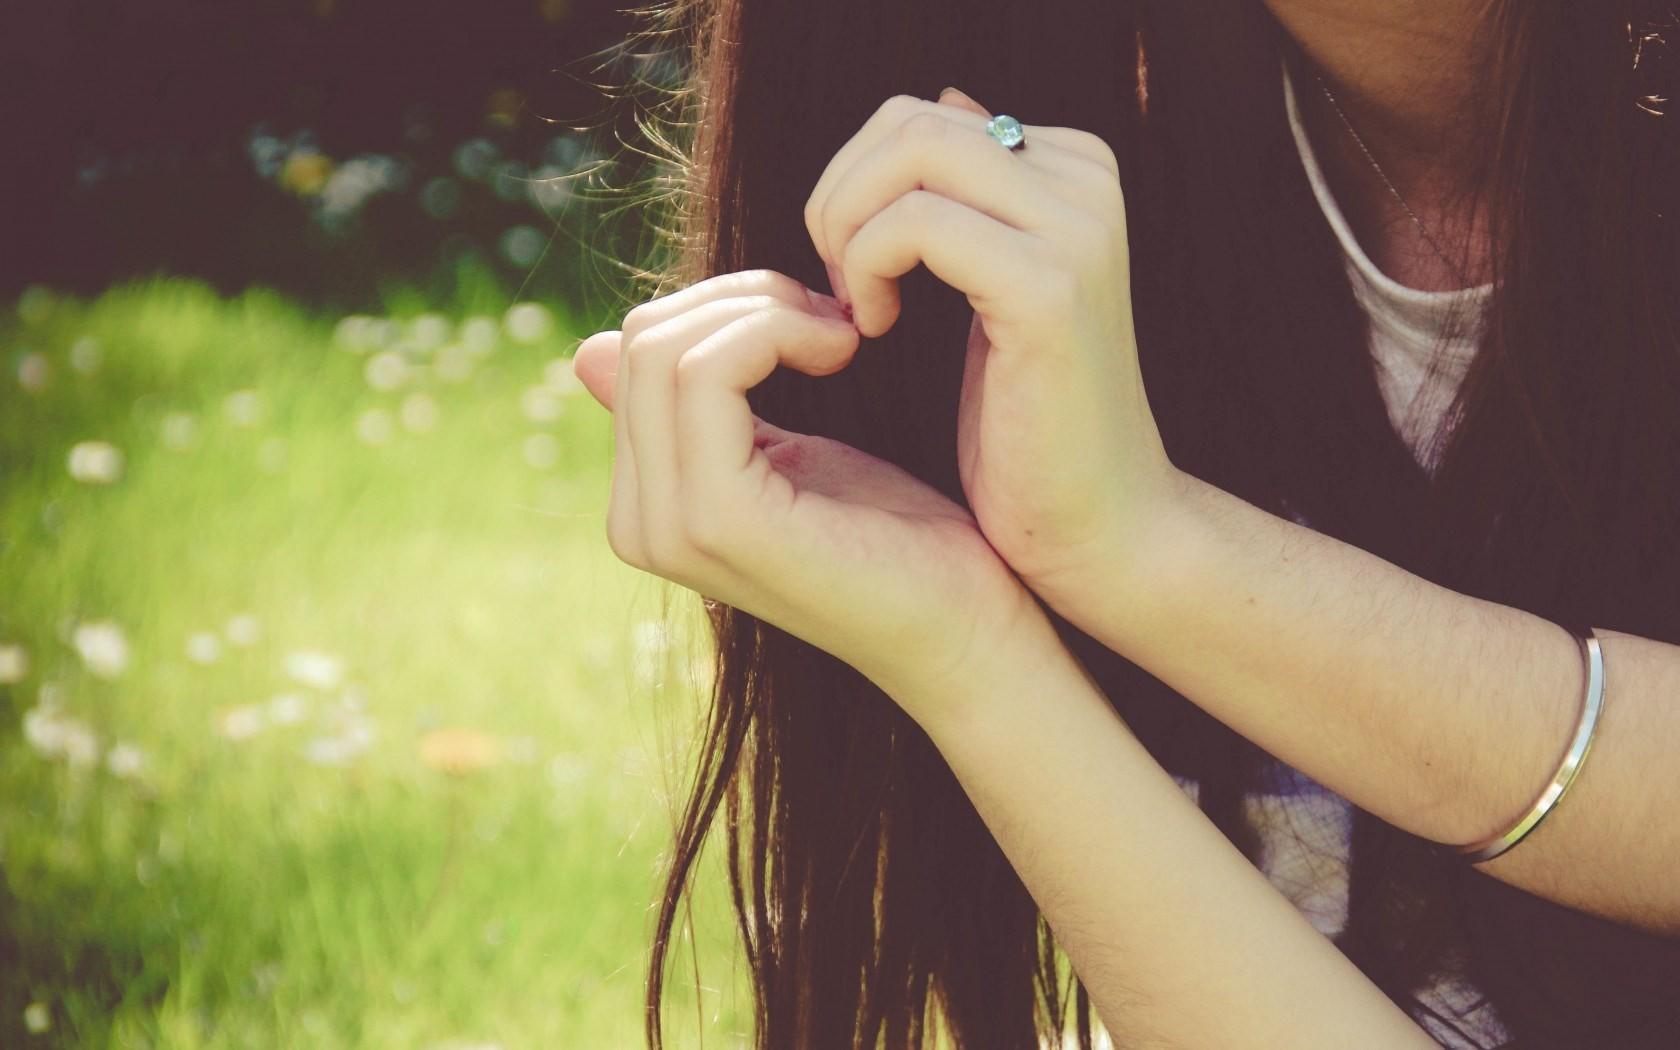 Связанные руки девушки 12 фотография